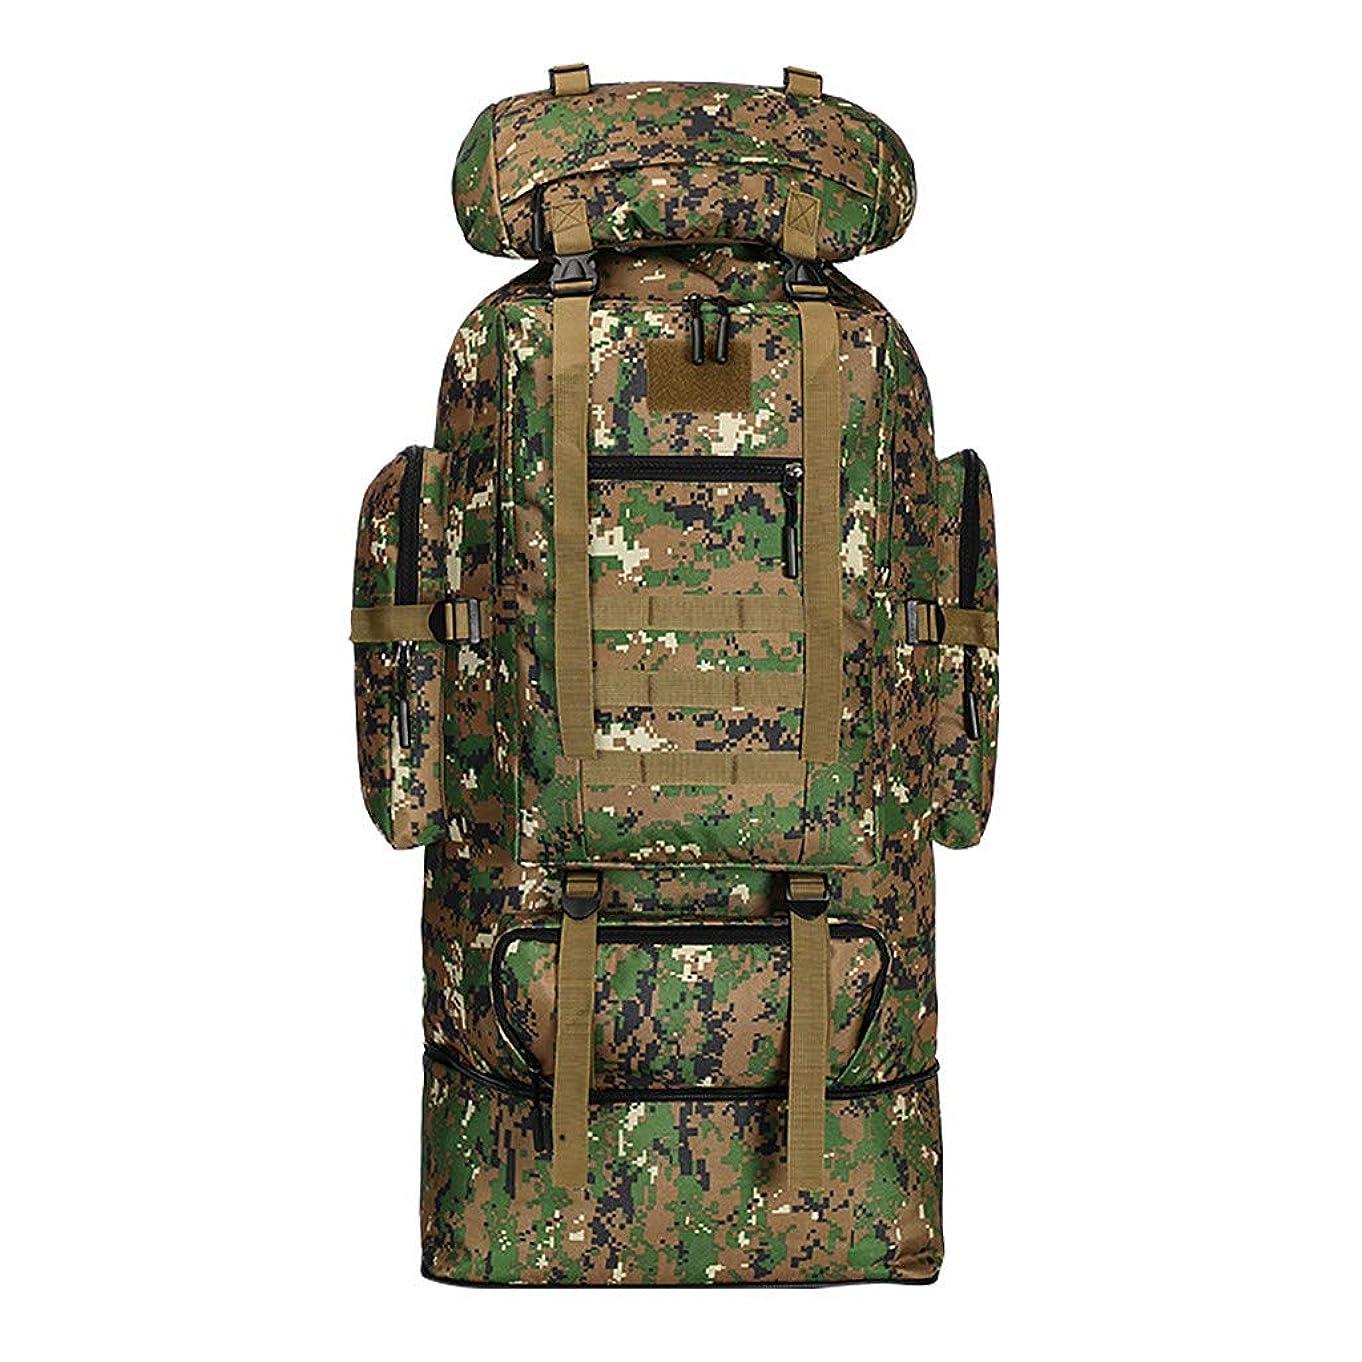 柔らかい足メンテナンスに話す大容量100Lバックパック迷彩印刷屋外バッグ旅行登山バッグ収納防水おしゃれバックパック人気バックパック大容量 人気バックパック